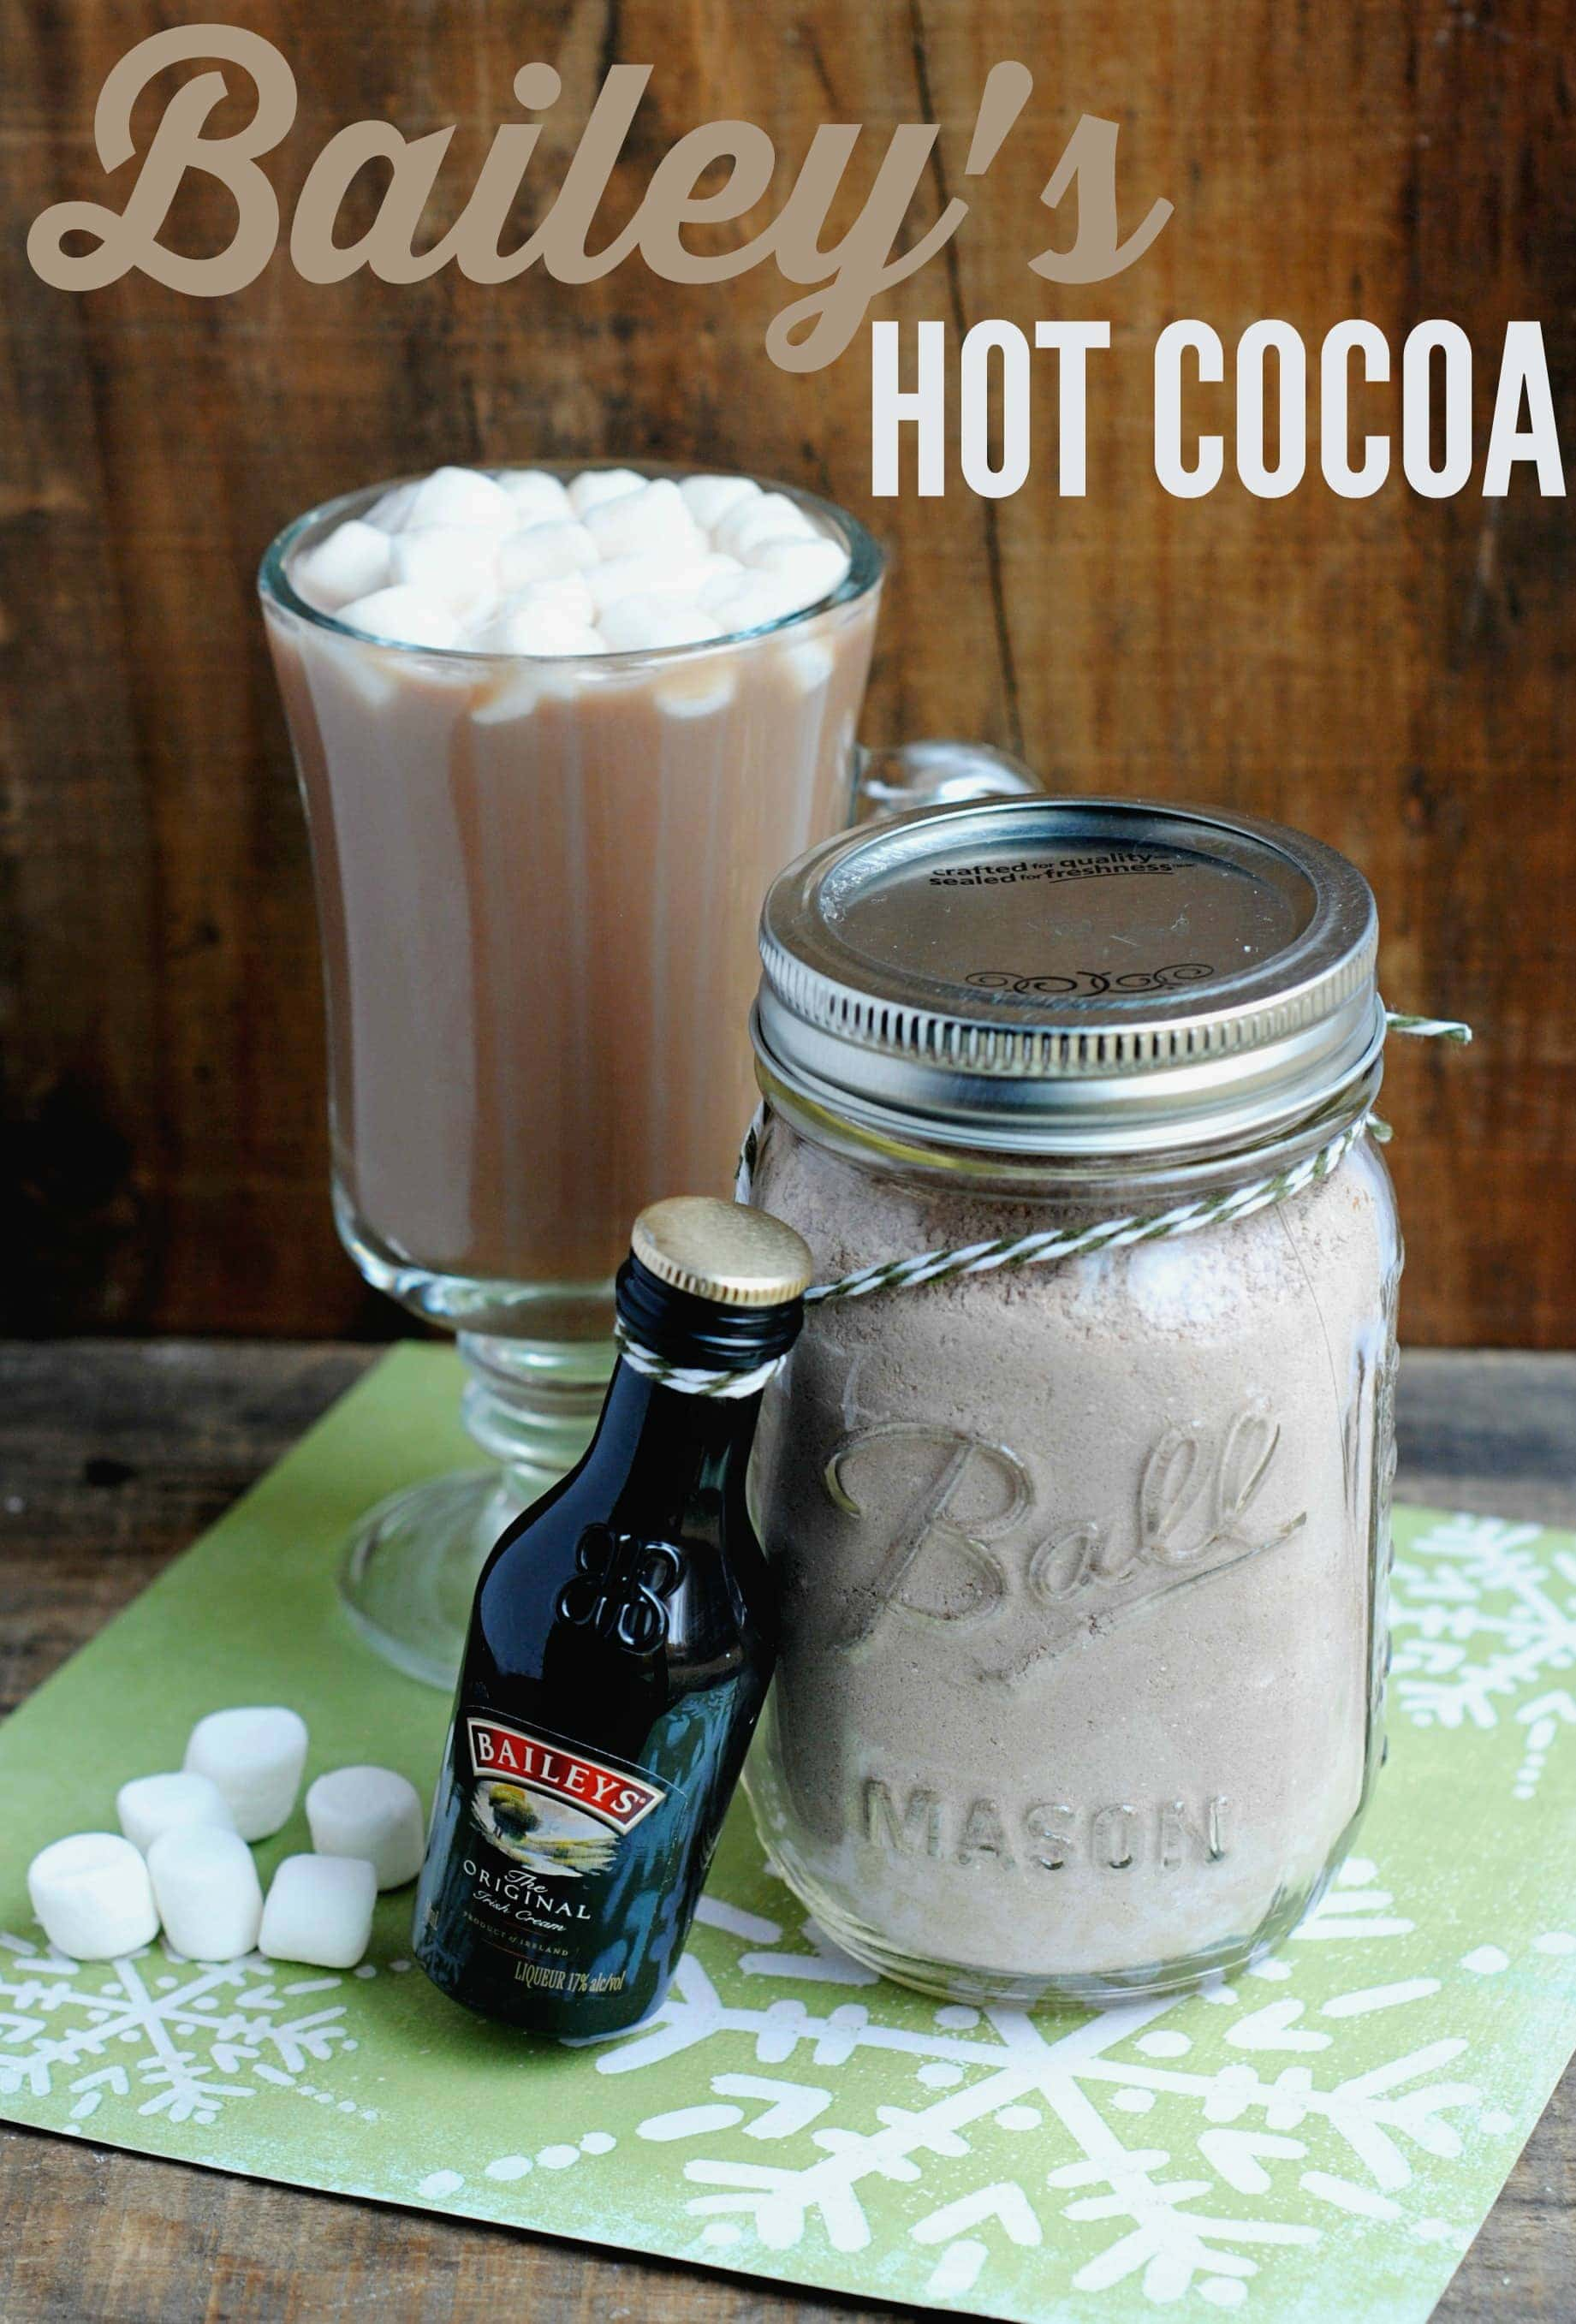 Bailey's Hot Cocoa